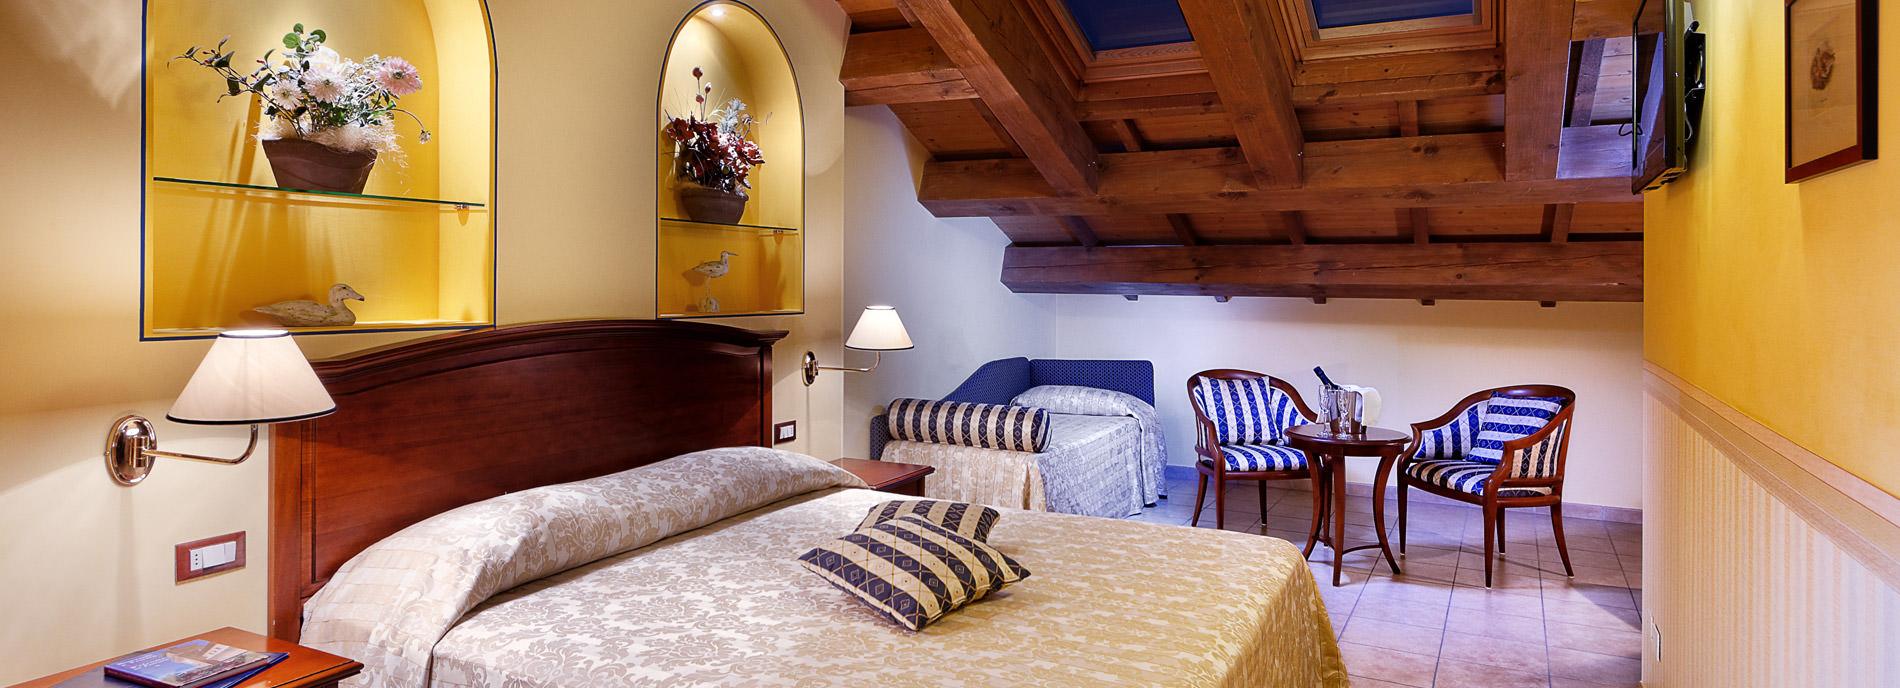 Hotel comacchio dove dormire a comacchio albergo locanda la comacina bed and breakfast - Albergo diffuso specchia ...